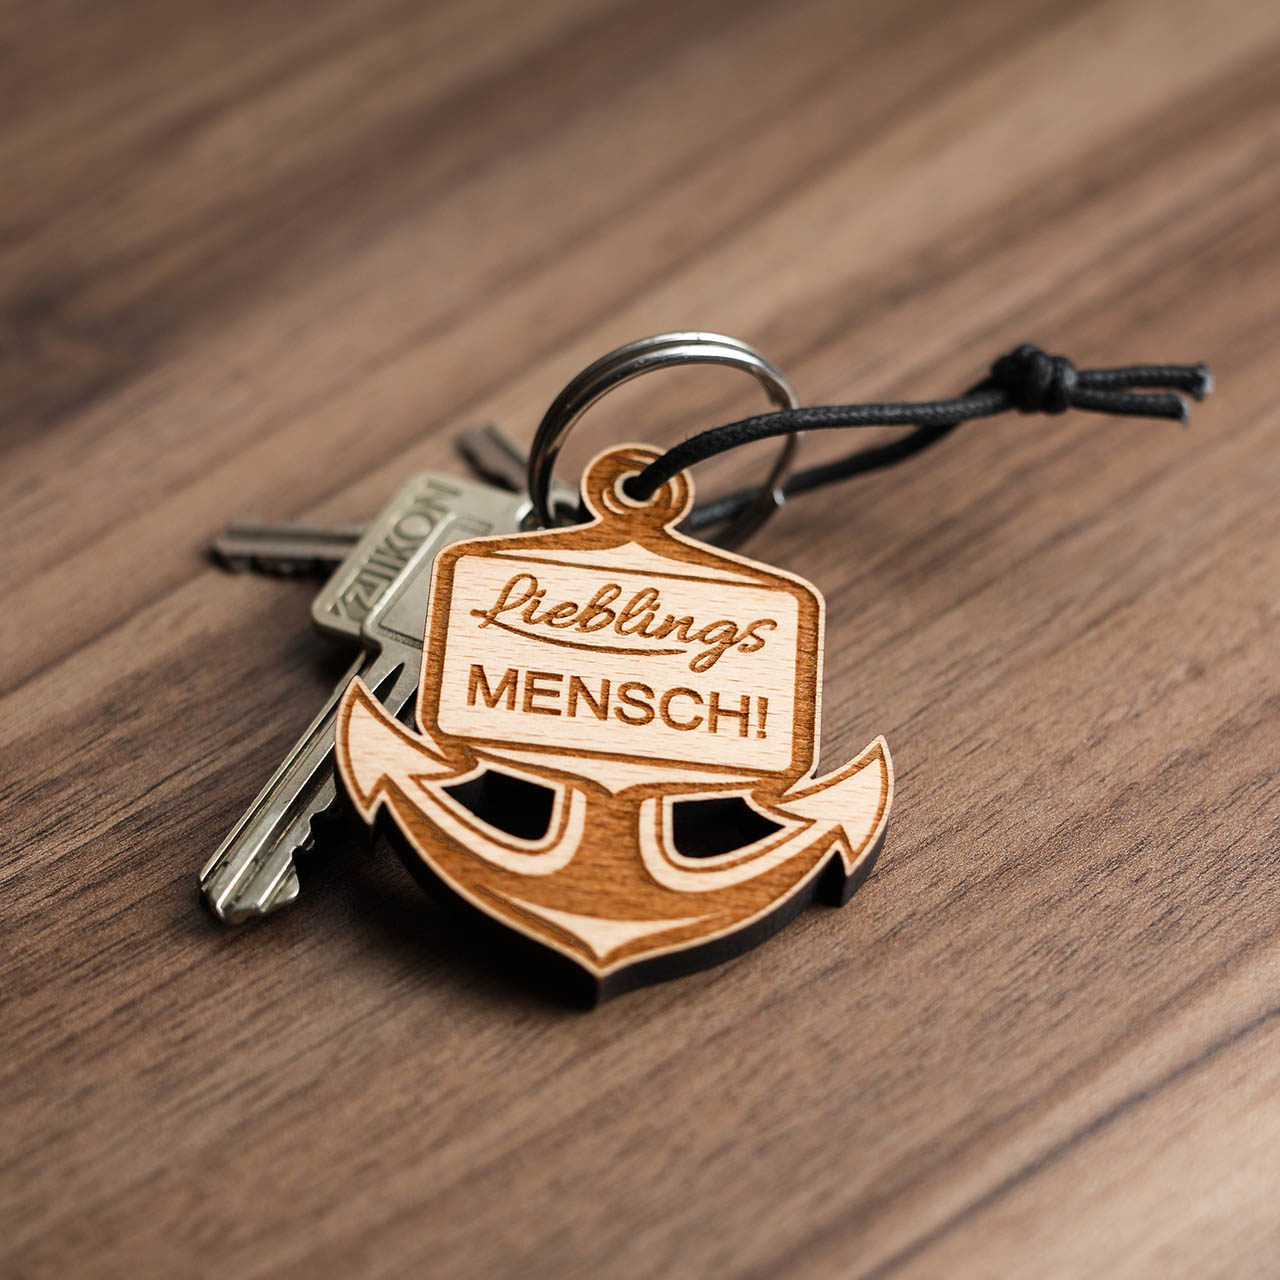 Holz-Schlüsselanhänger Anker - Lieblingsmensch